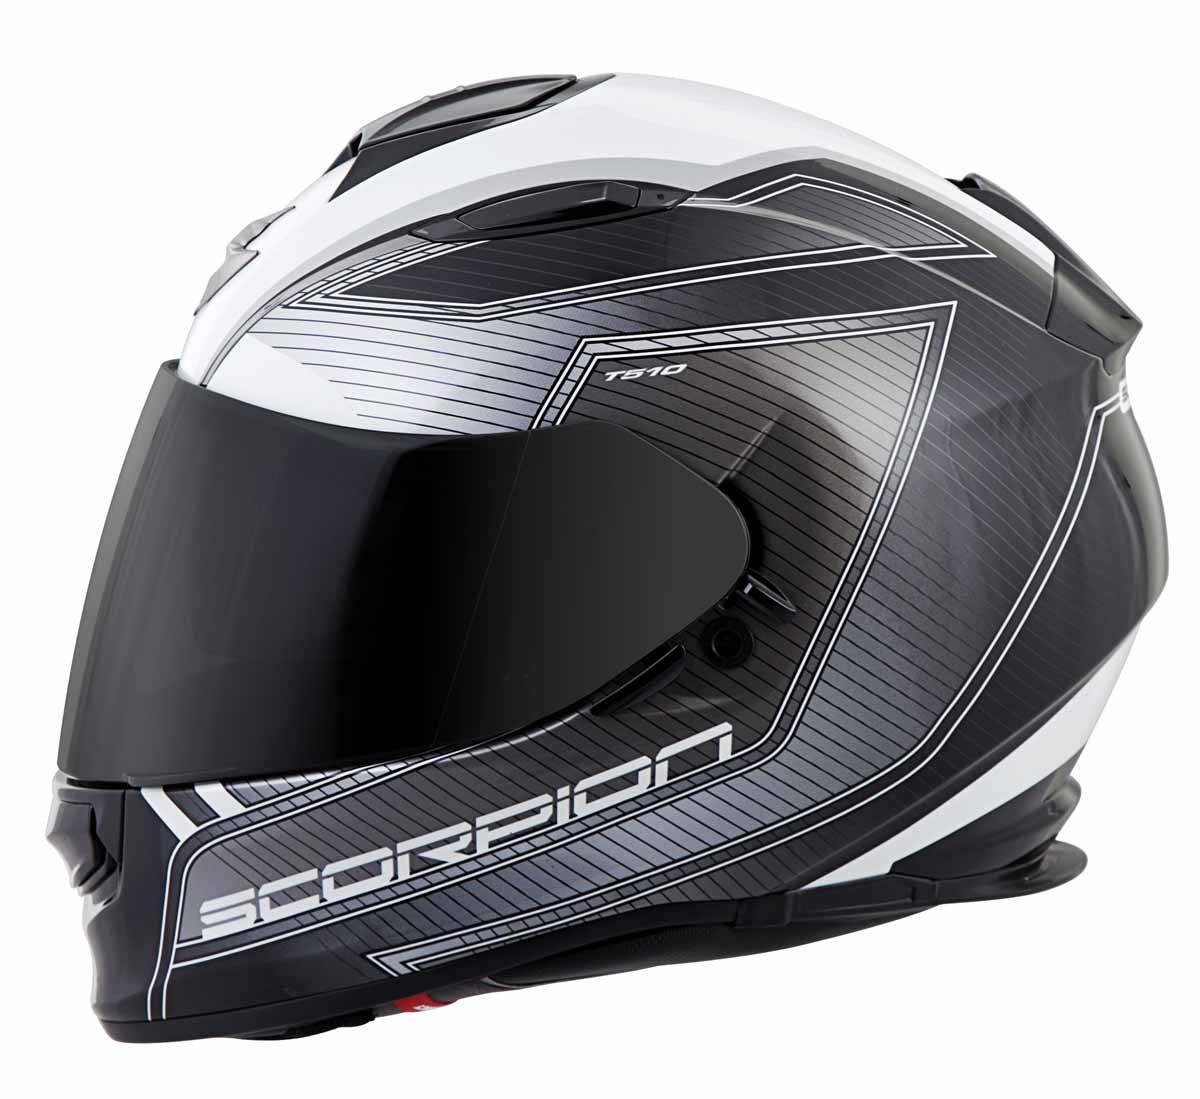 Scorpion-EXO-T510-Helmet-Full-Face-DOT-Approved-Inner-Sun-Shield miniature 20